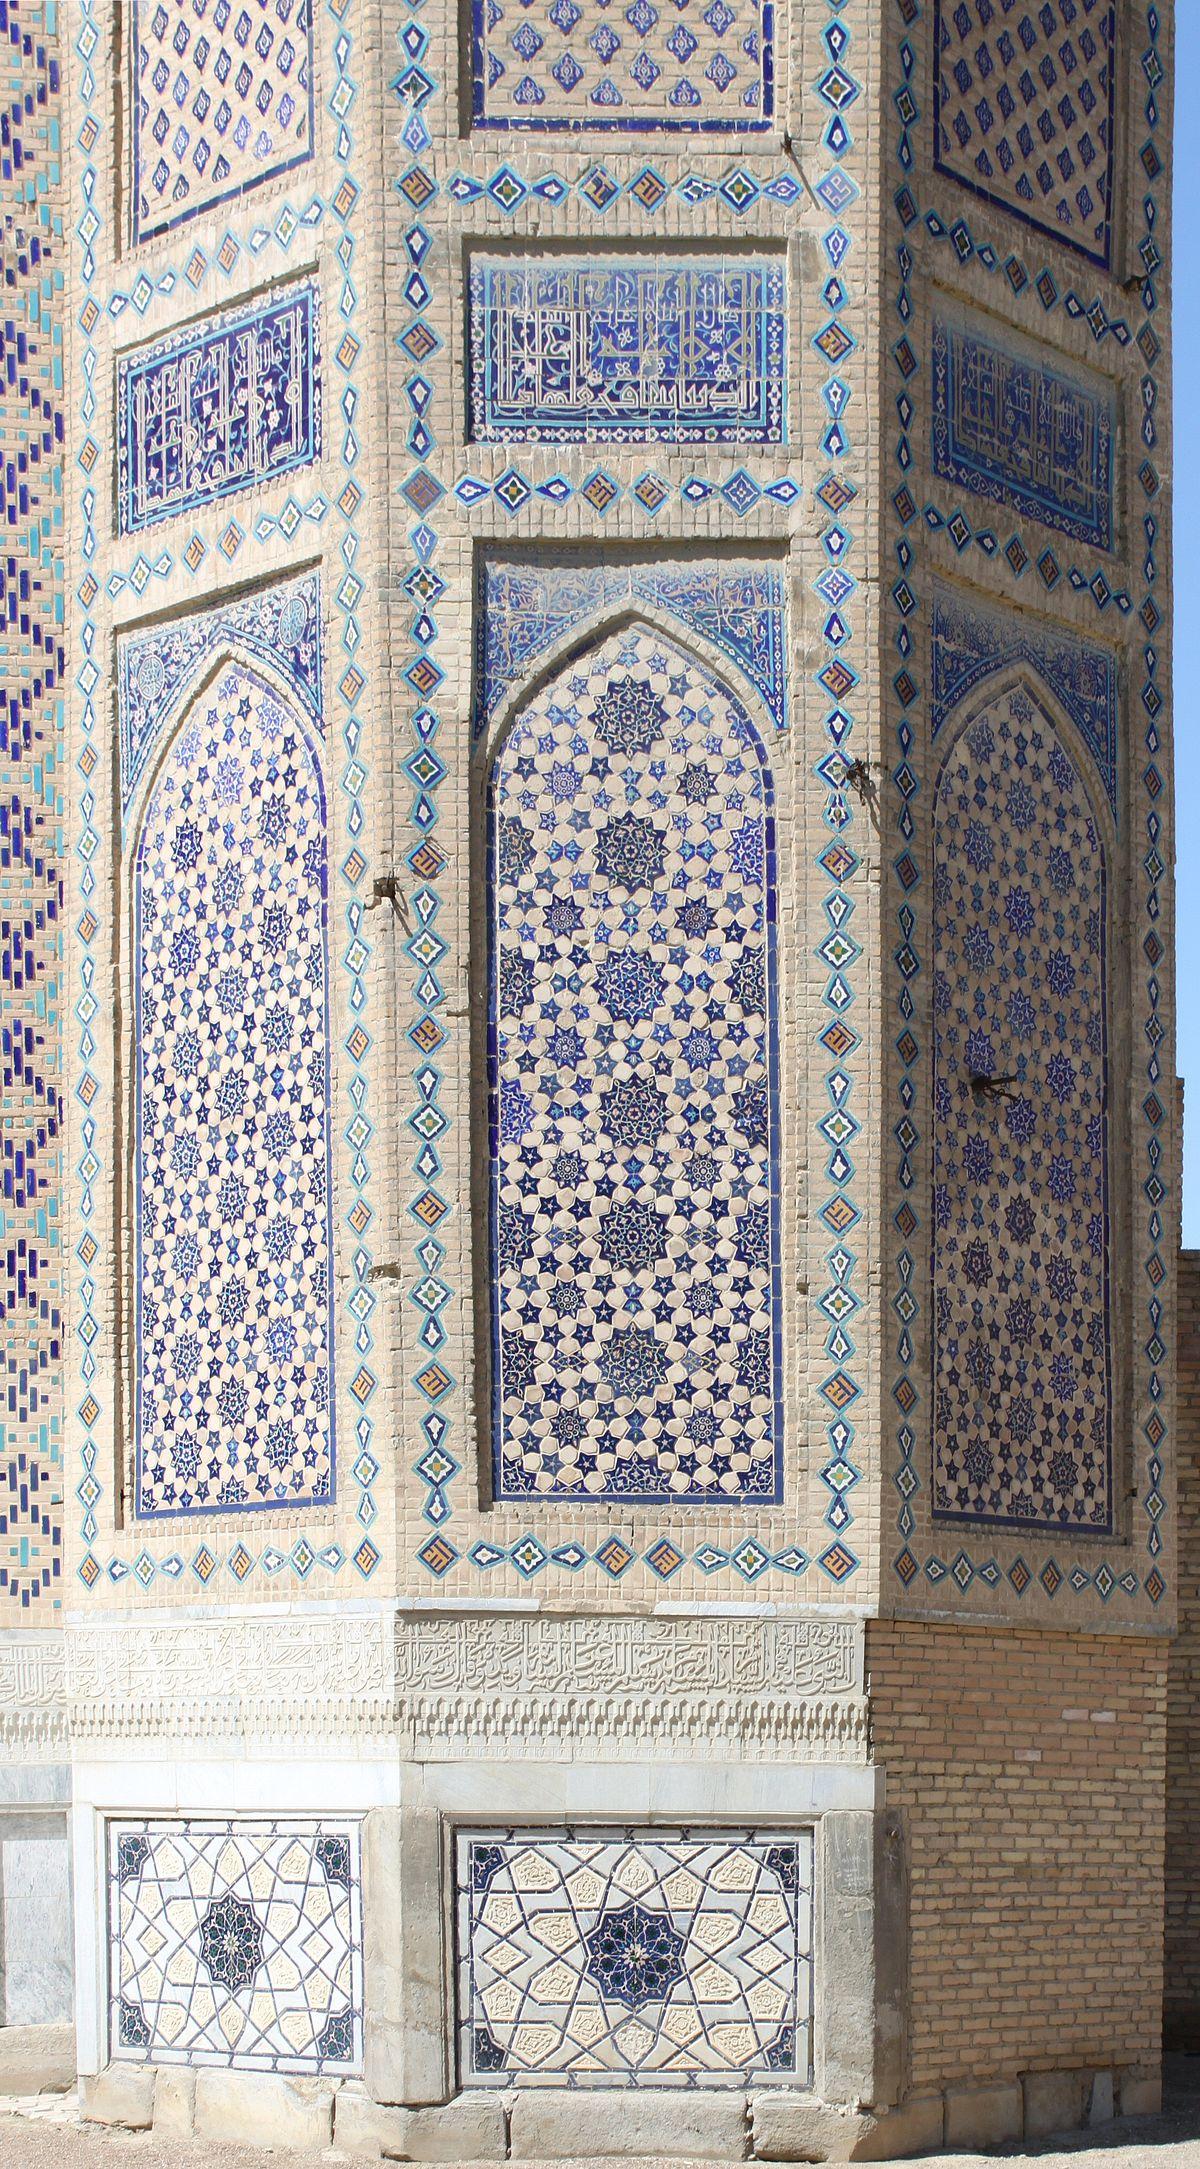 زخارف هندسية إسلامية ويكيبيديا، الموسوعة الحرة